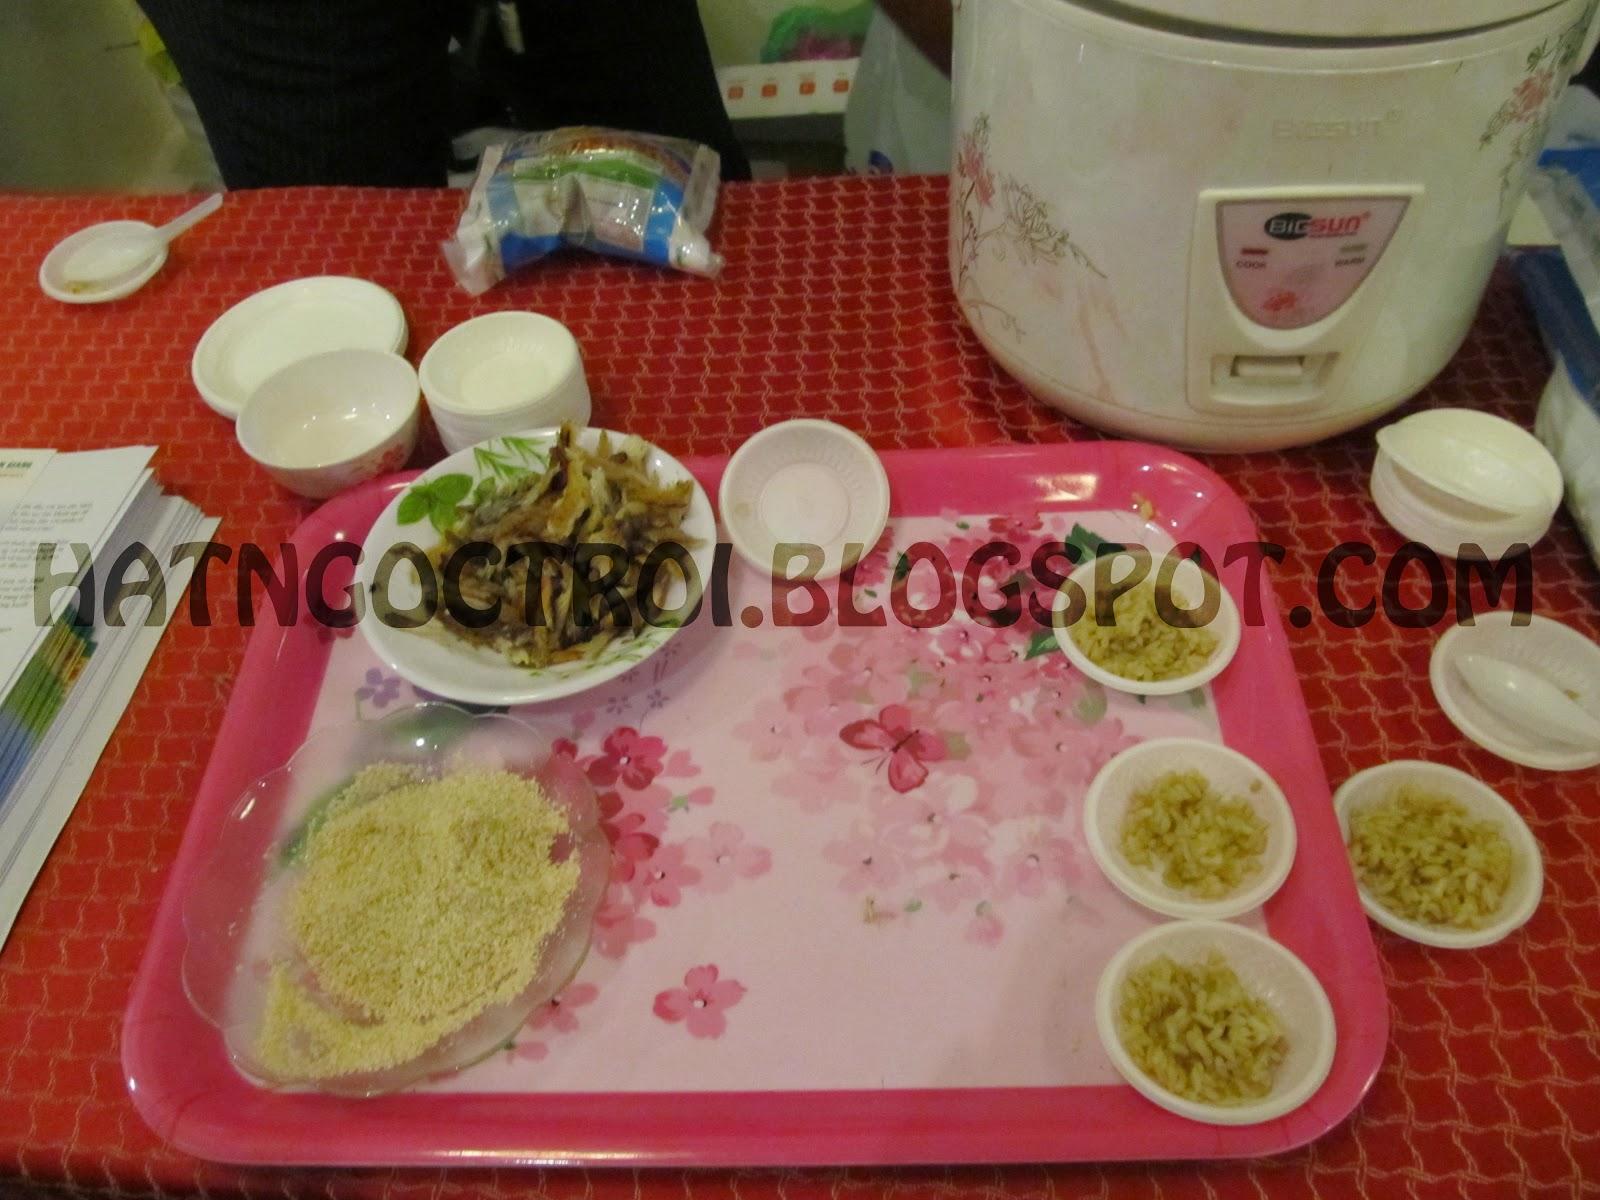 Nấu cơm gạo mầm vibigaba như thế nào cho ngon?